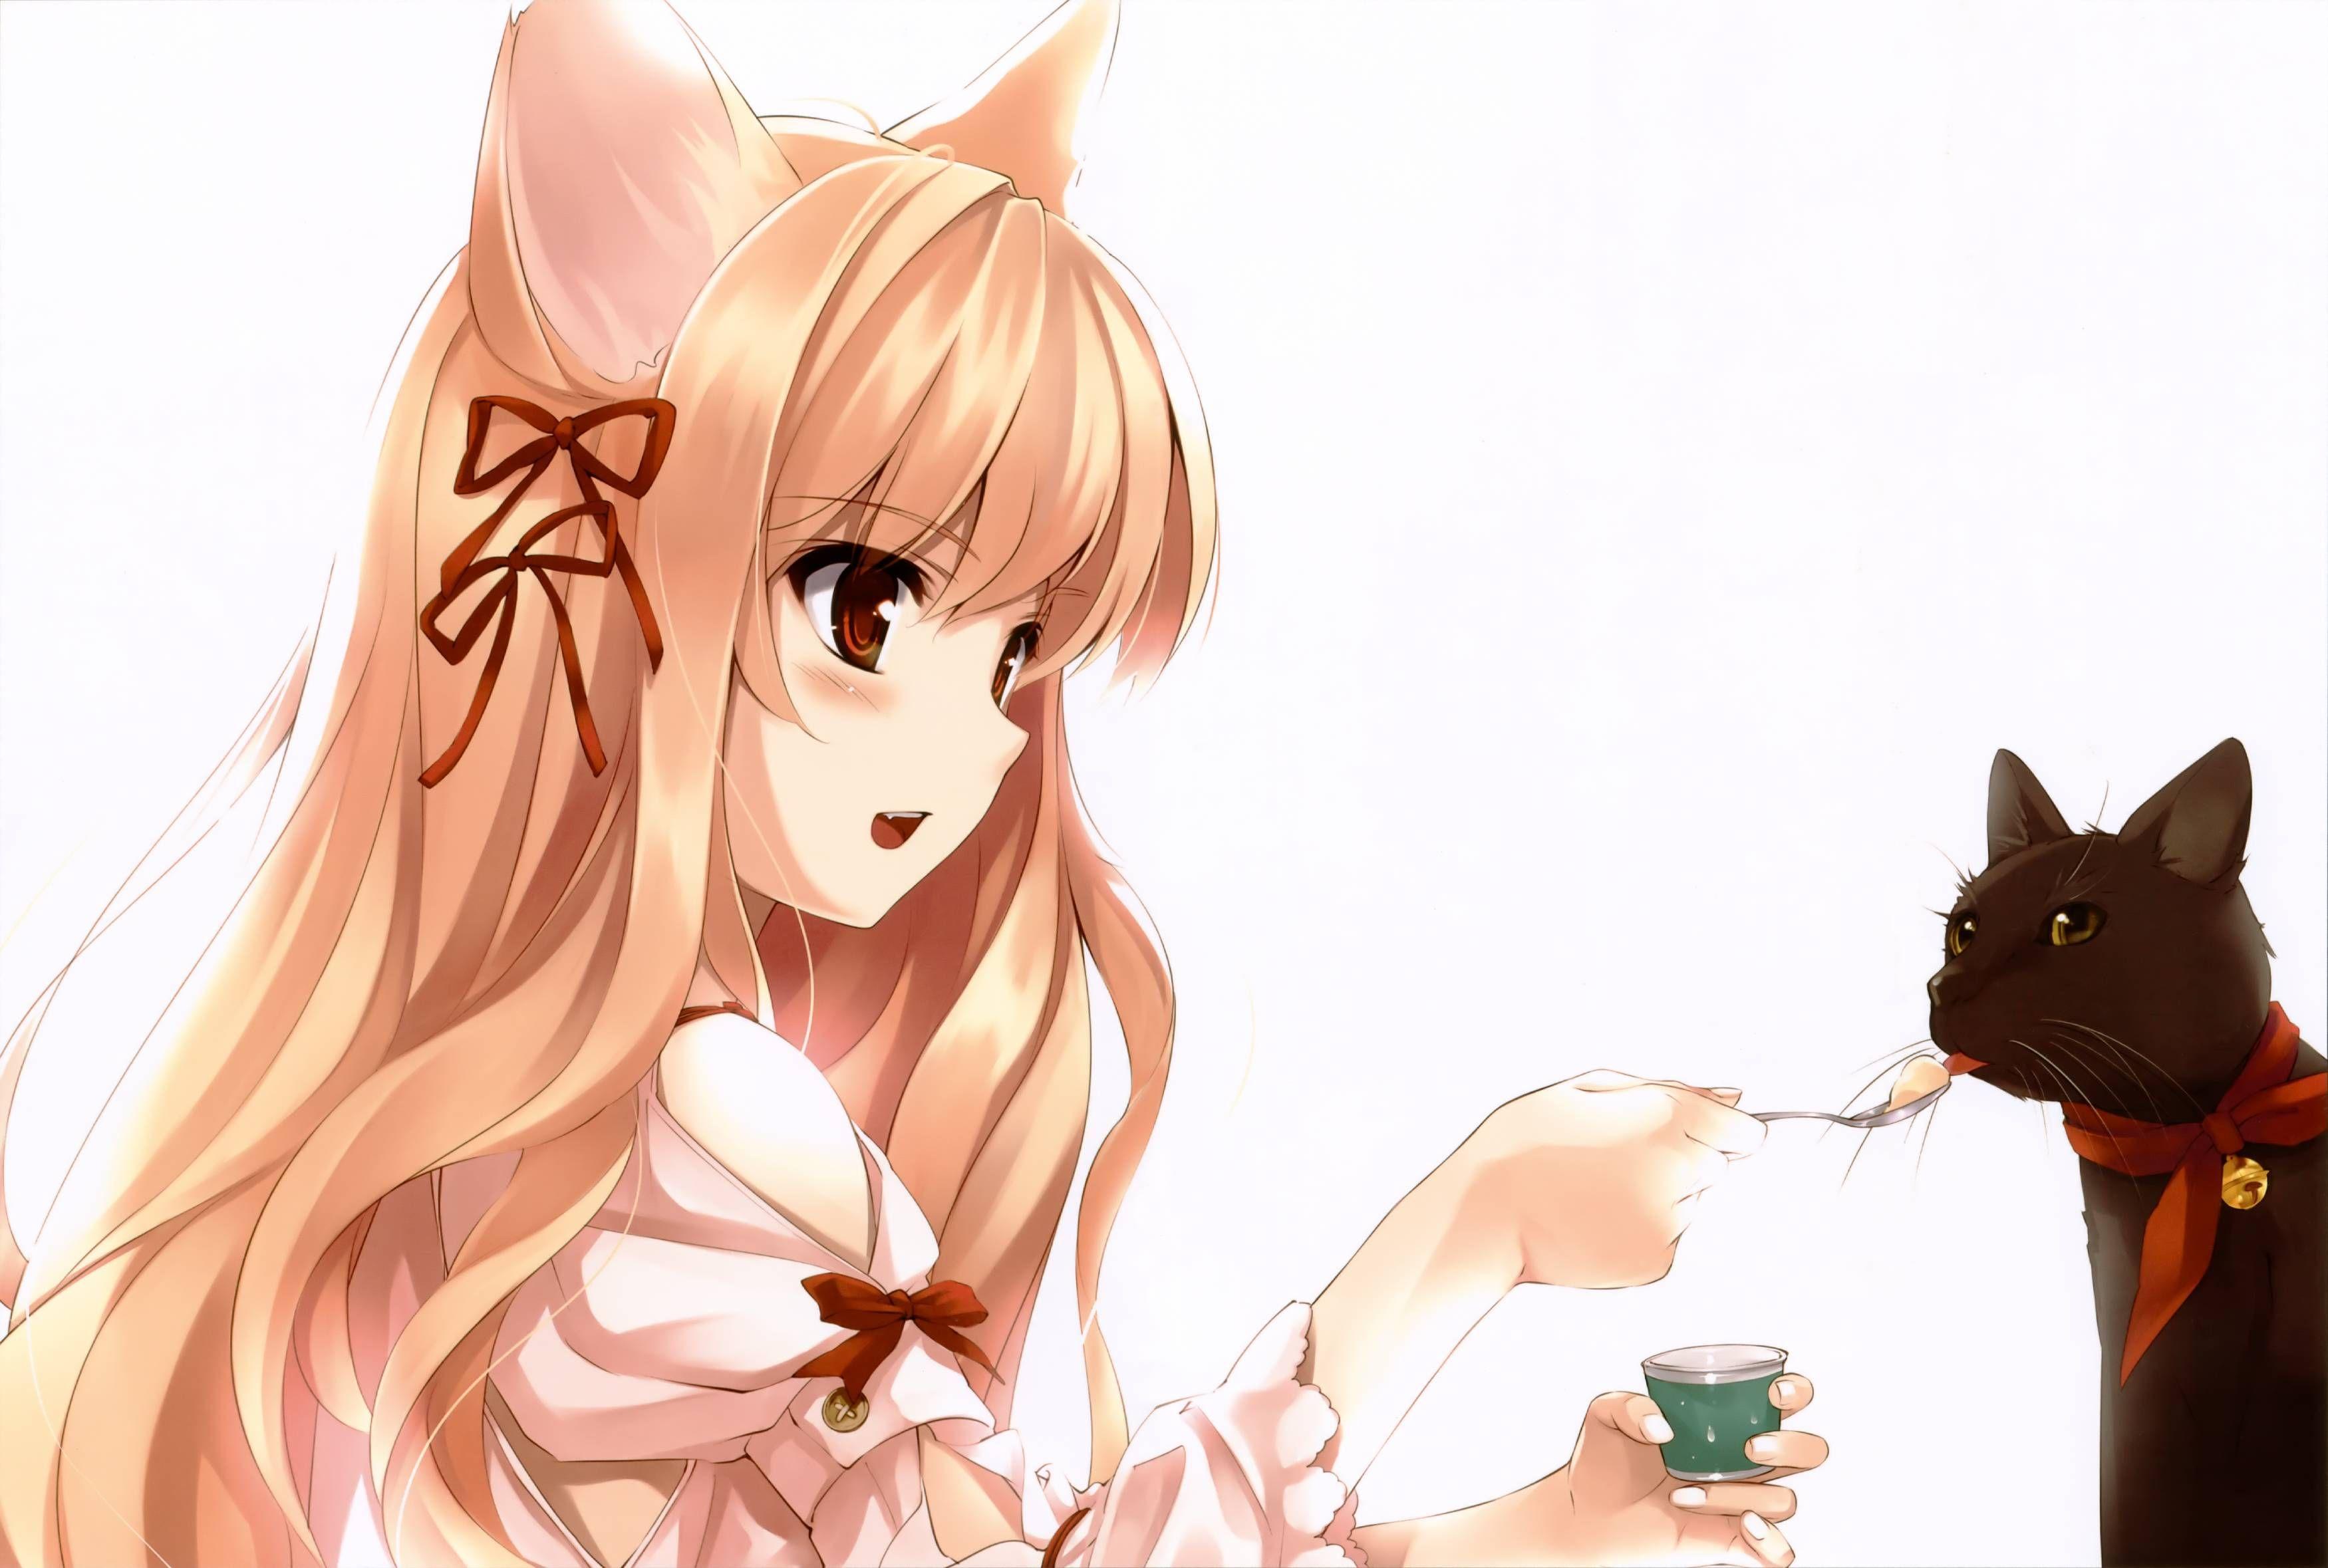 Cute catgirl feeding a cat Anime Girl Pinterest